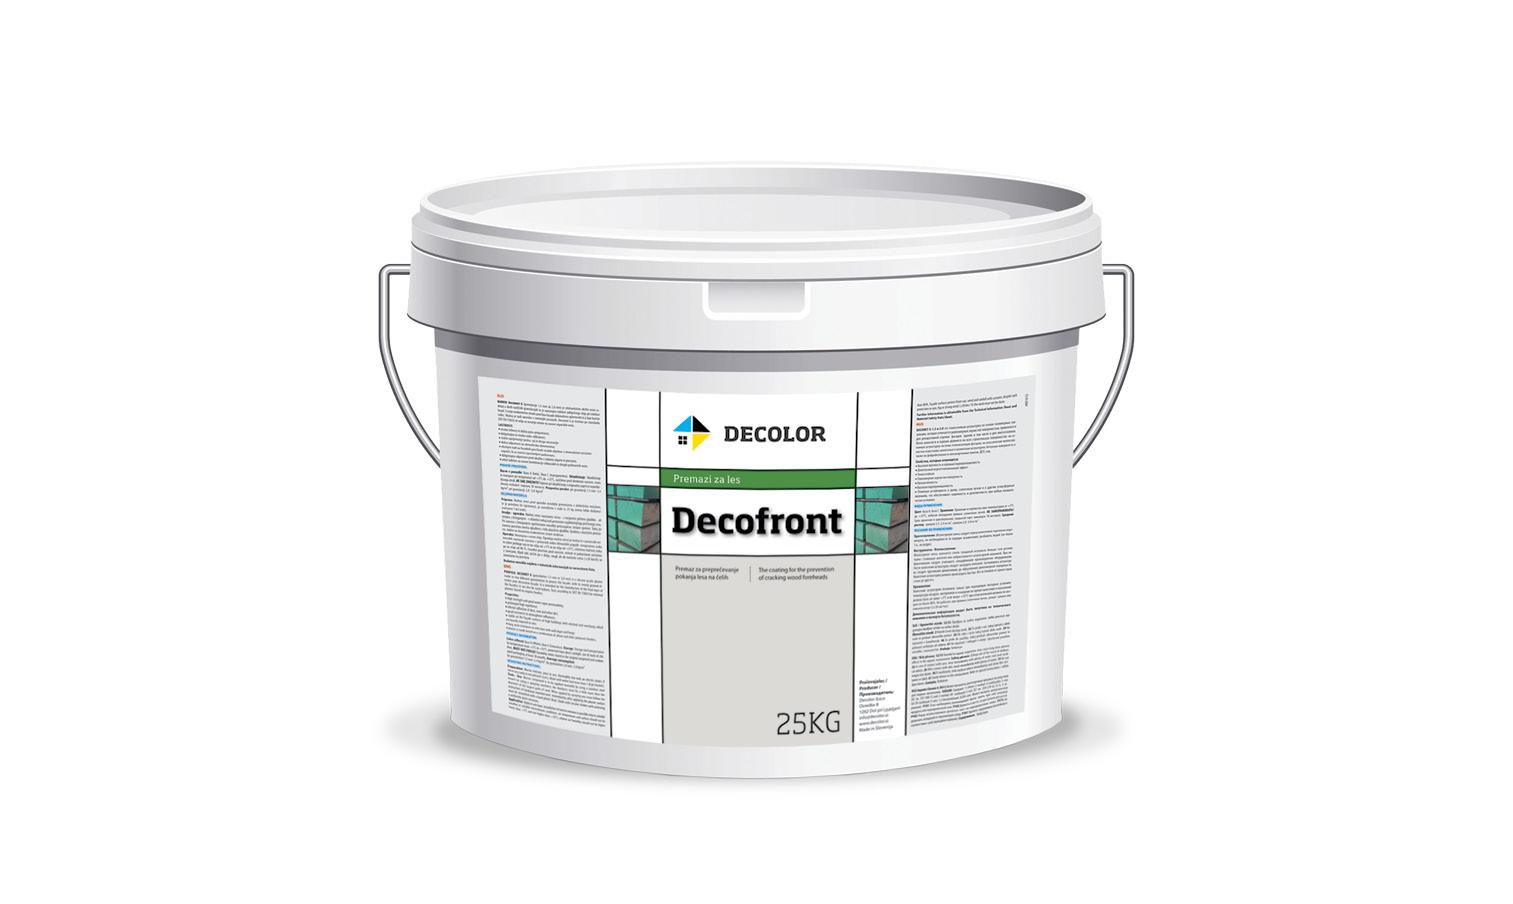 Decofront